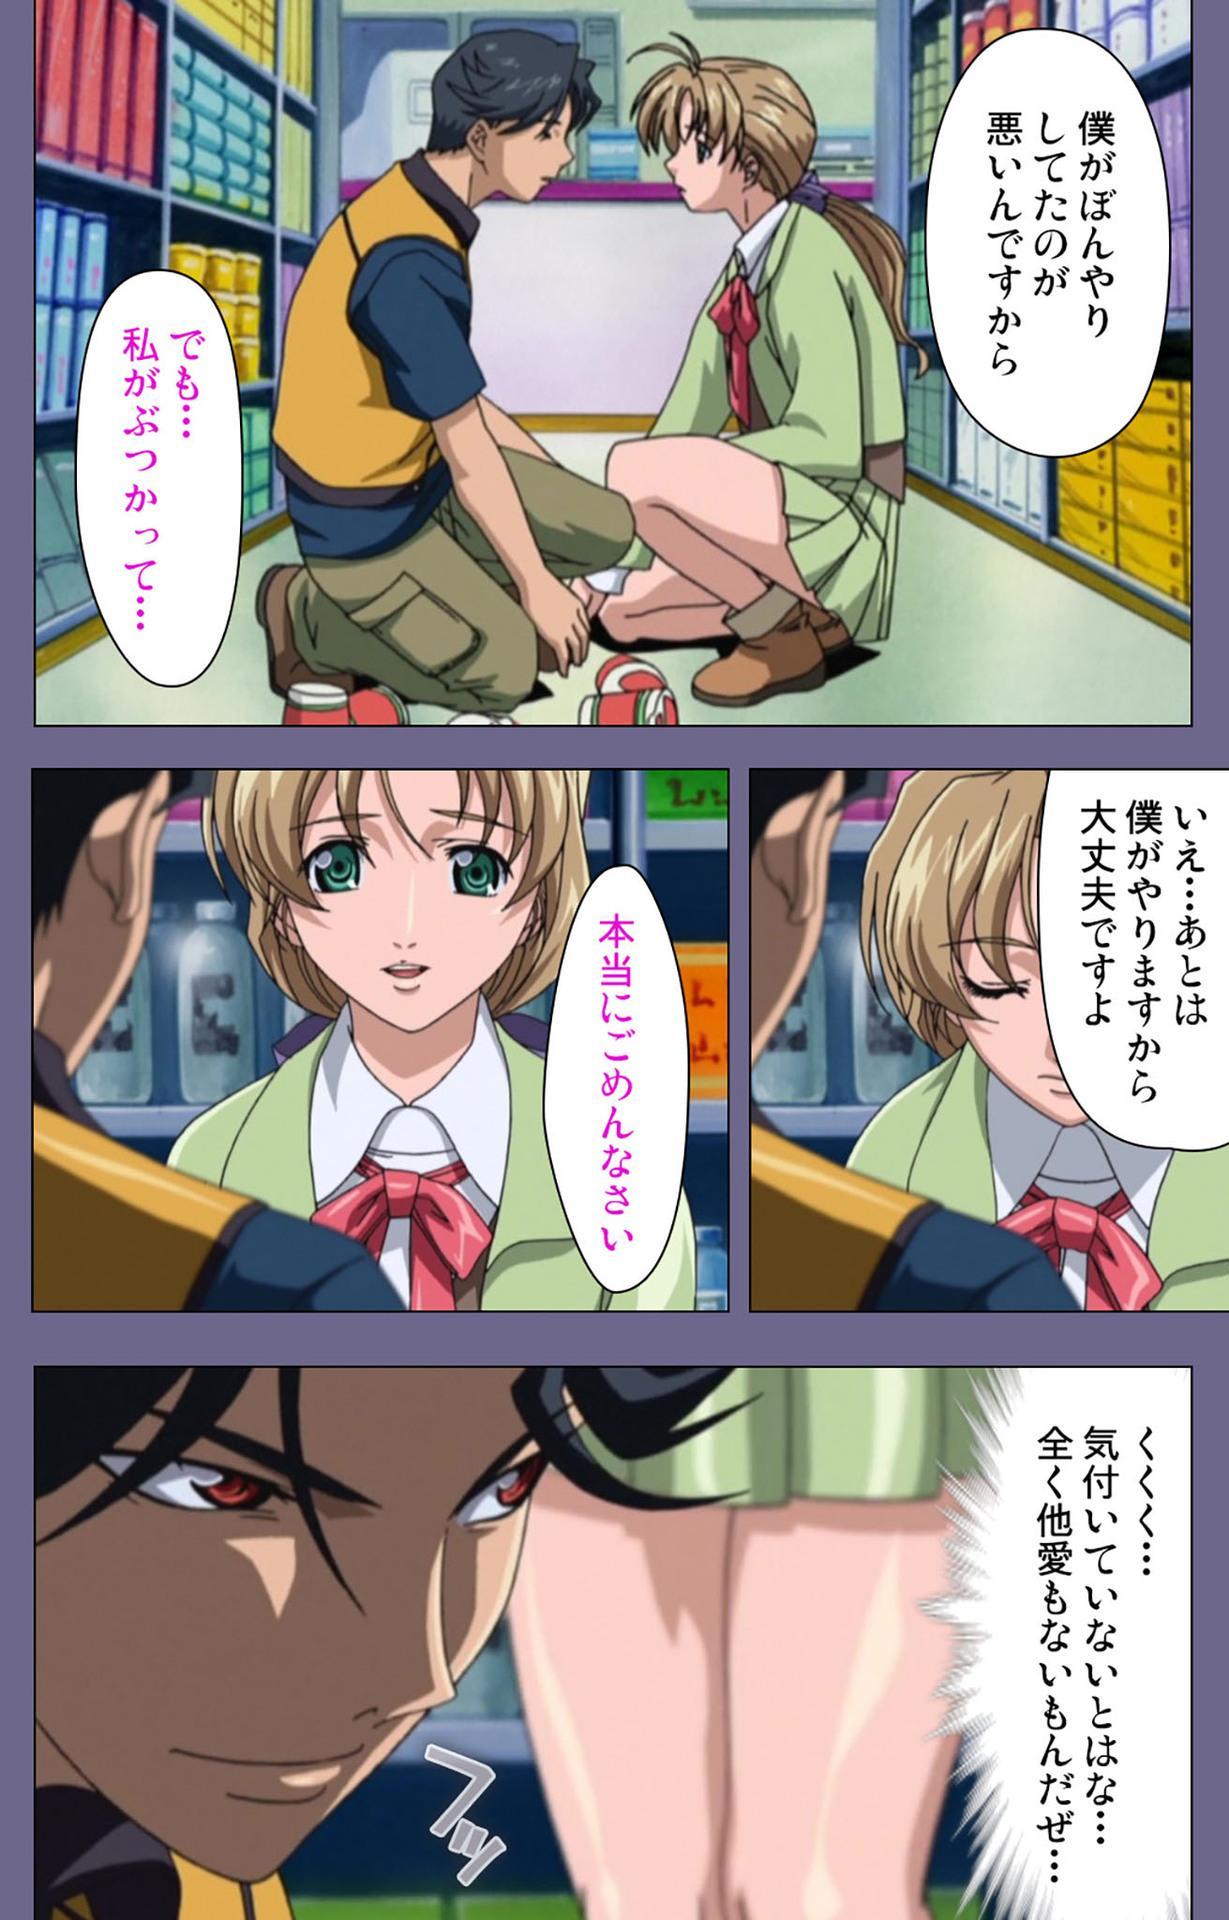 Itazura kanzenhan 47